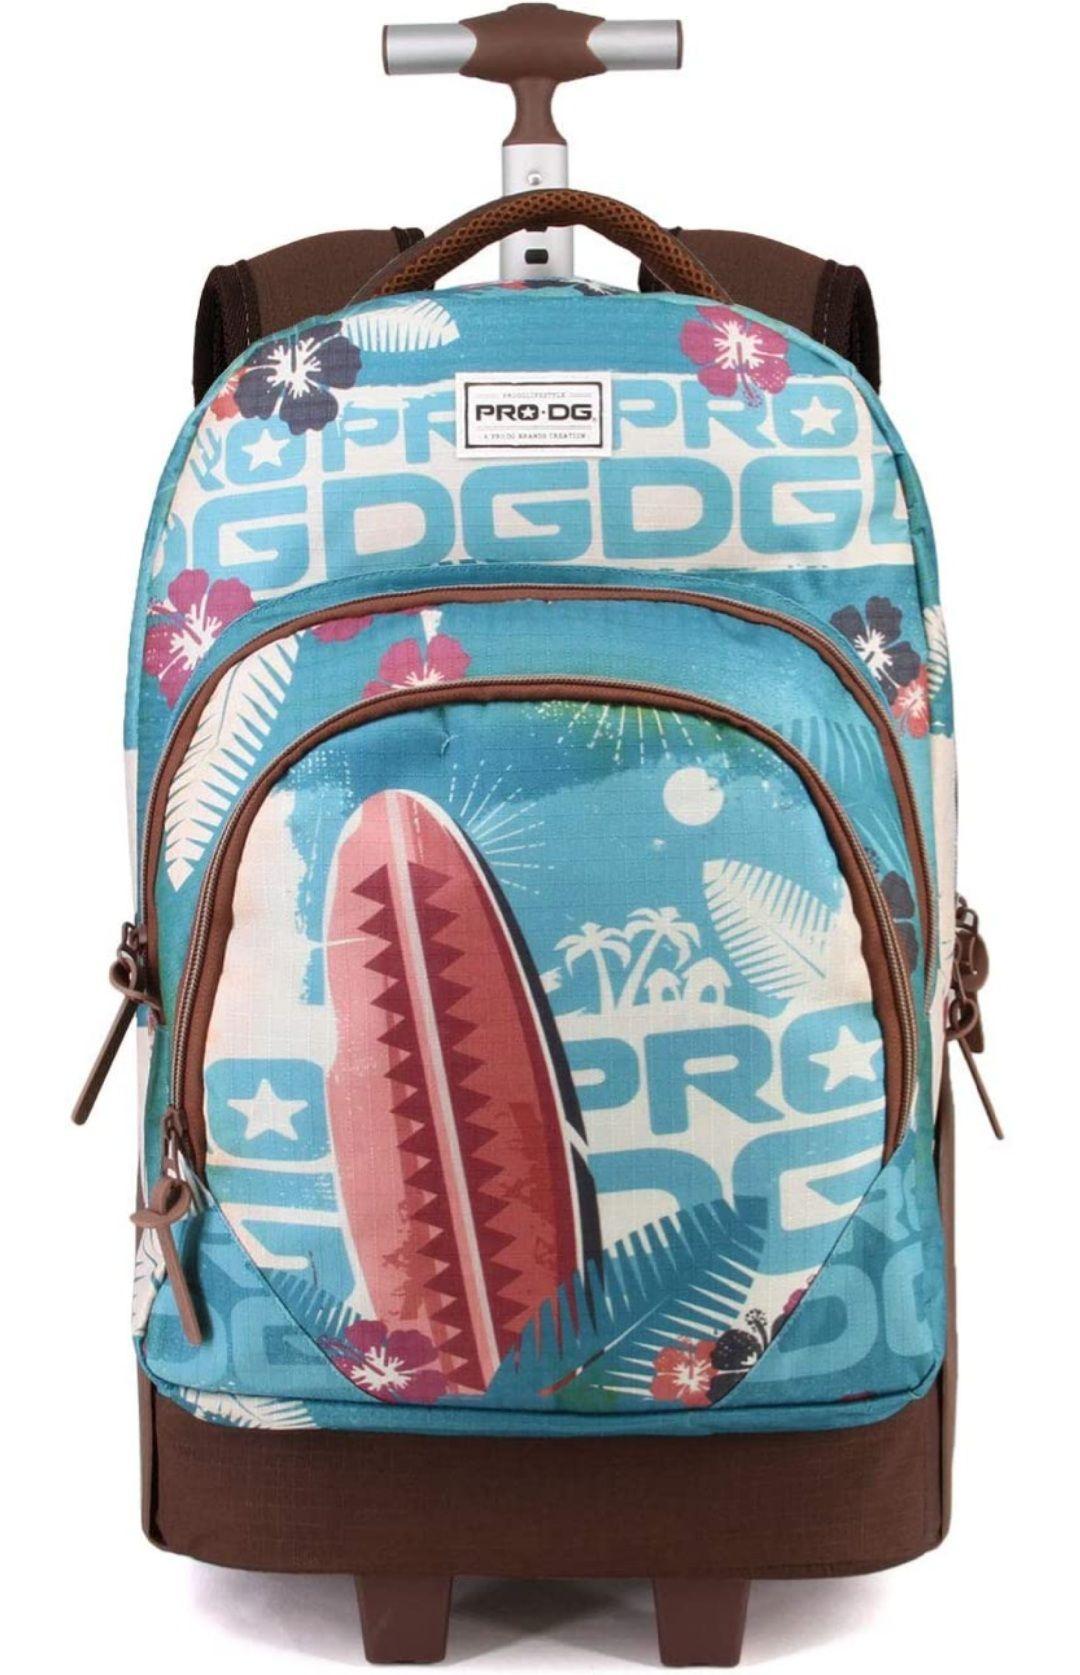 PRODG PRODG 39519 Surfboard-GTX Travel Trolley-Rucksack Mochila Tipo Casual 53 Centimeters 59.5 Multicolor (Multicolour)